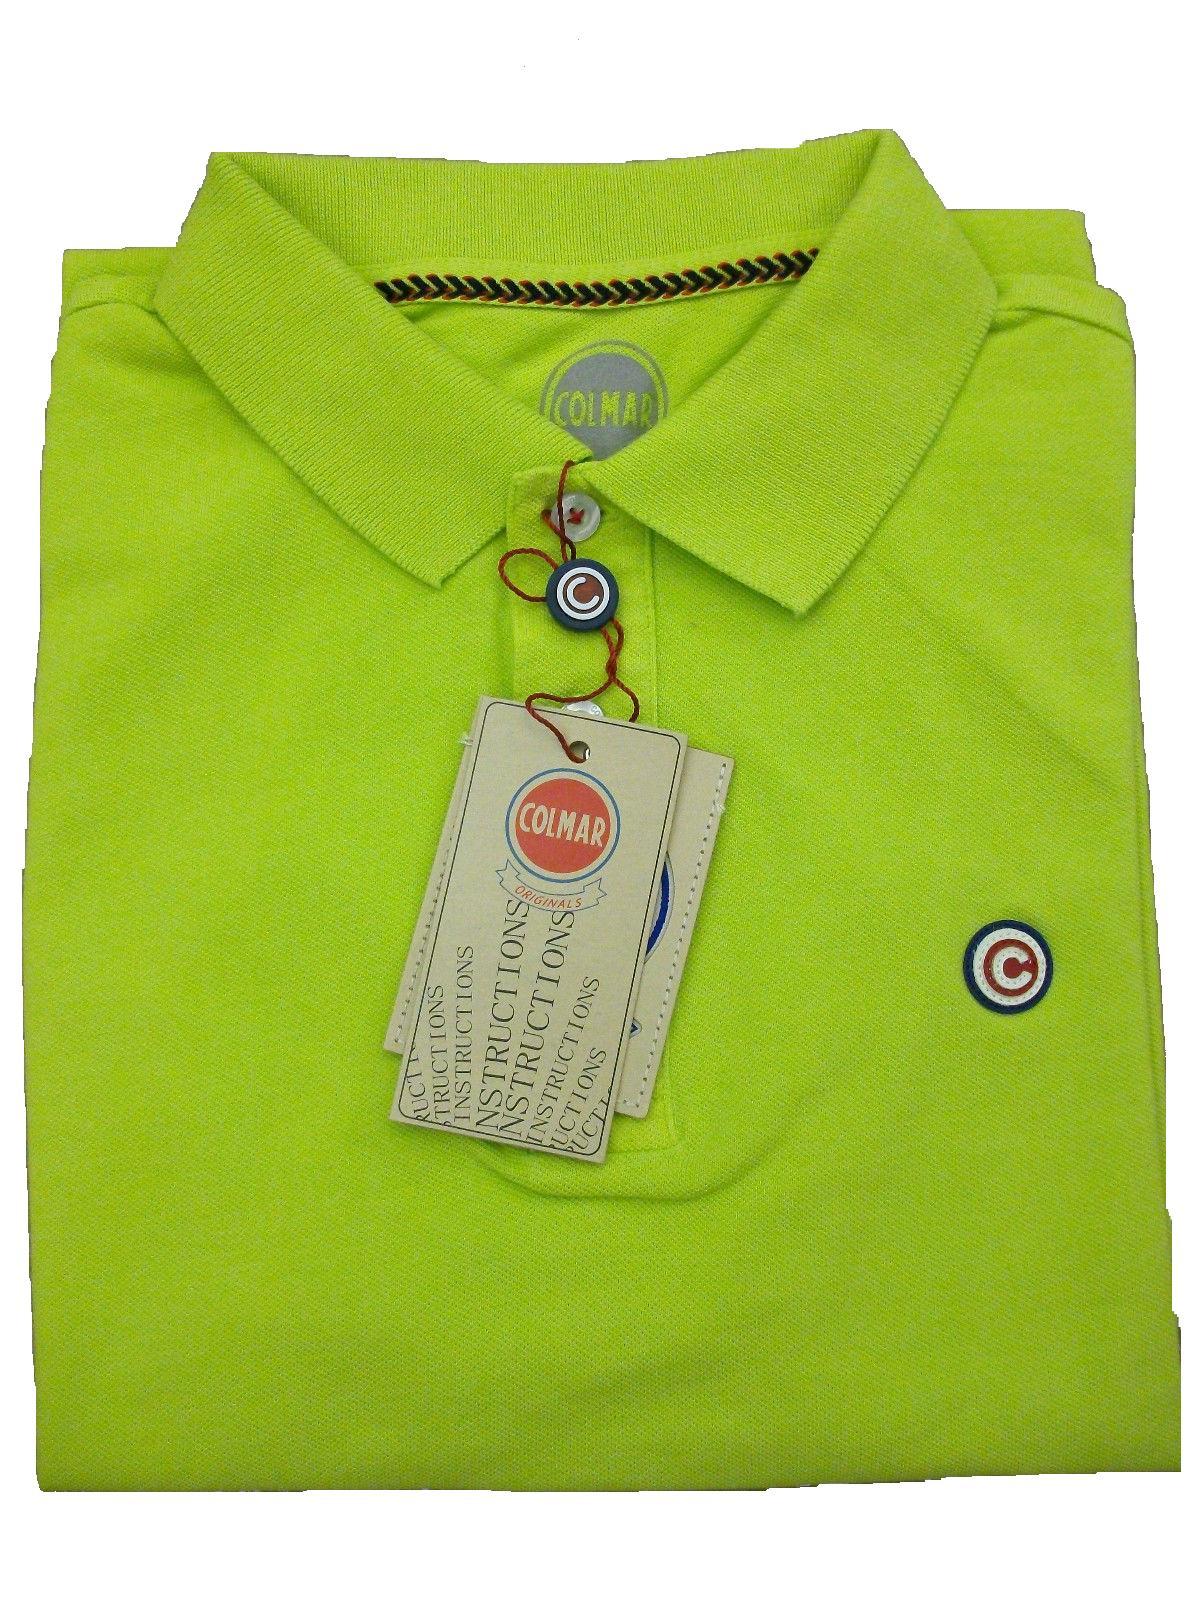 Polo man Piquet colore Green Variant 1 - Colmar Originals - SportIT.com 3a91ea09875